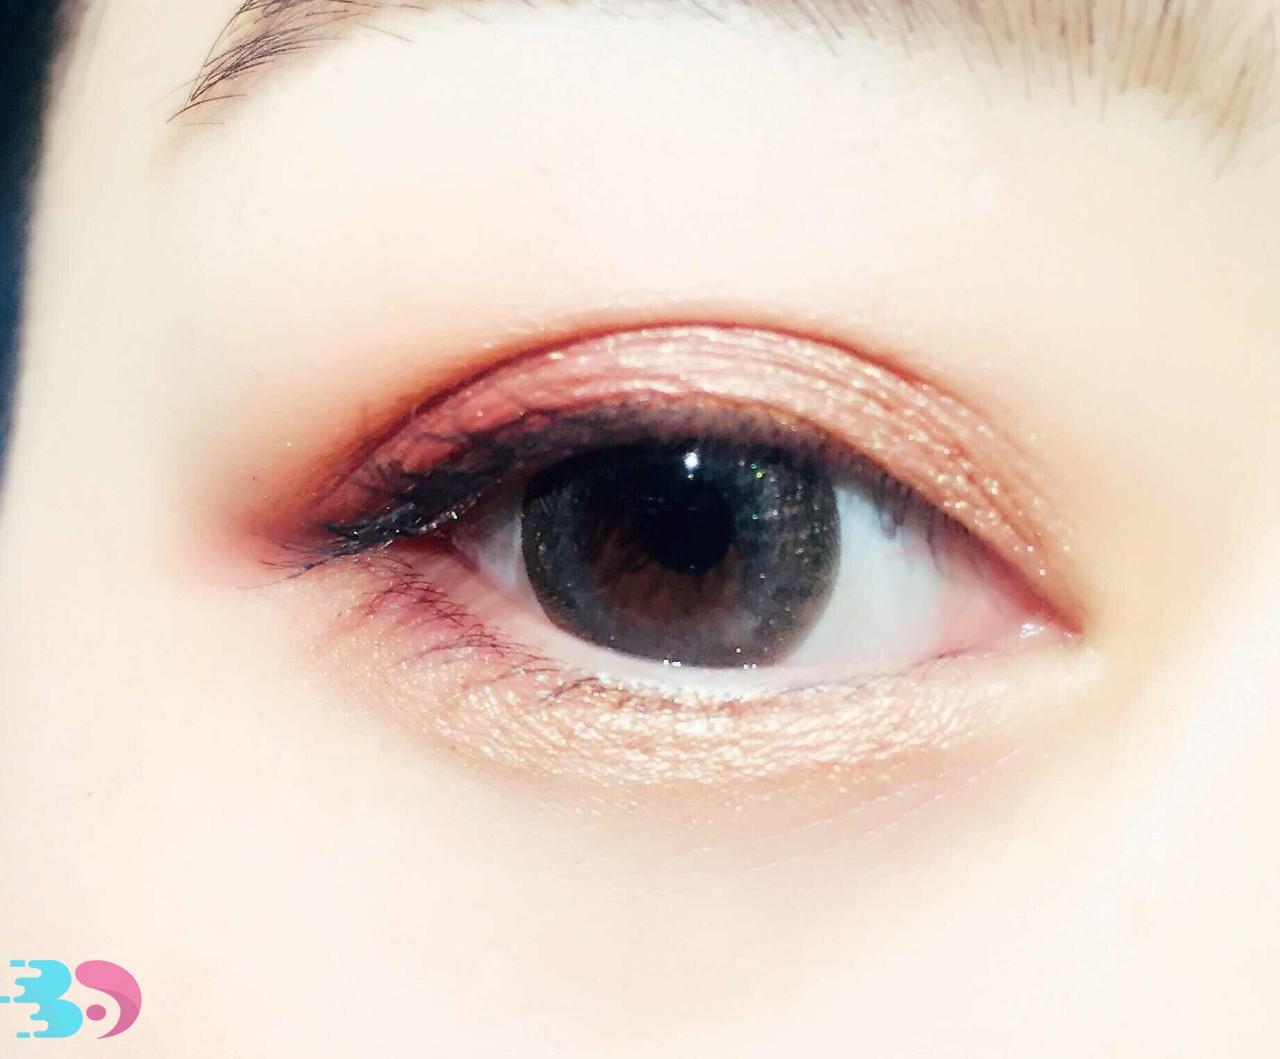 眼霜的作用是什么_眼皮下垂怎么自然恢复?眼皮为什么会下垂?_部位养生_三顶养生网